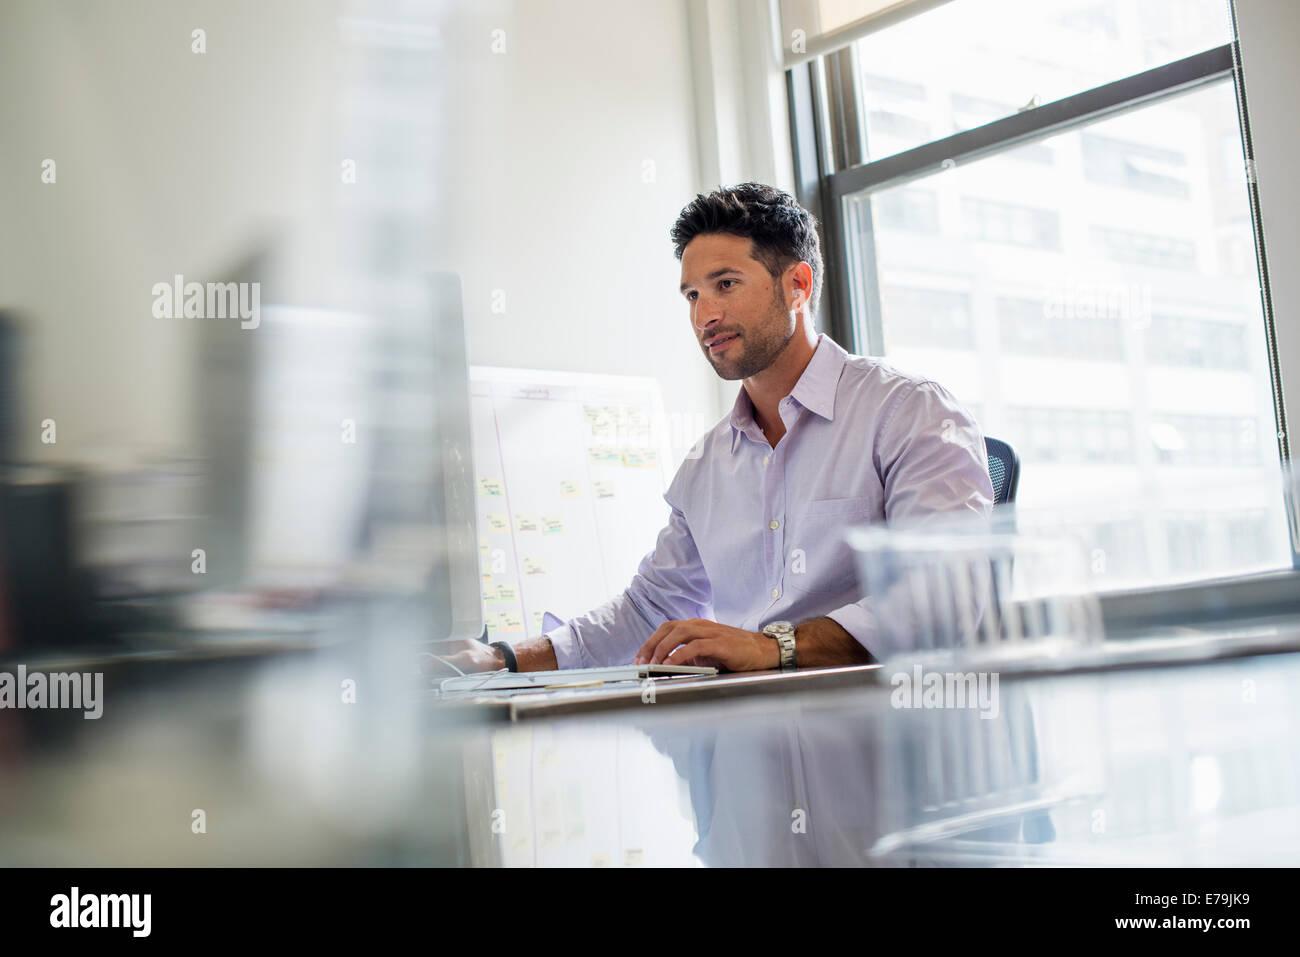 Büroalltag. Ein Mann alleine in einem Büro arbeiten. Stockbild